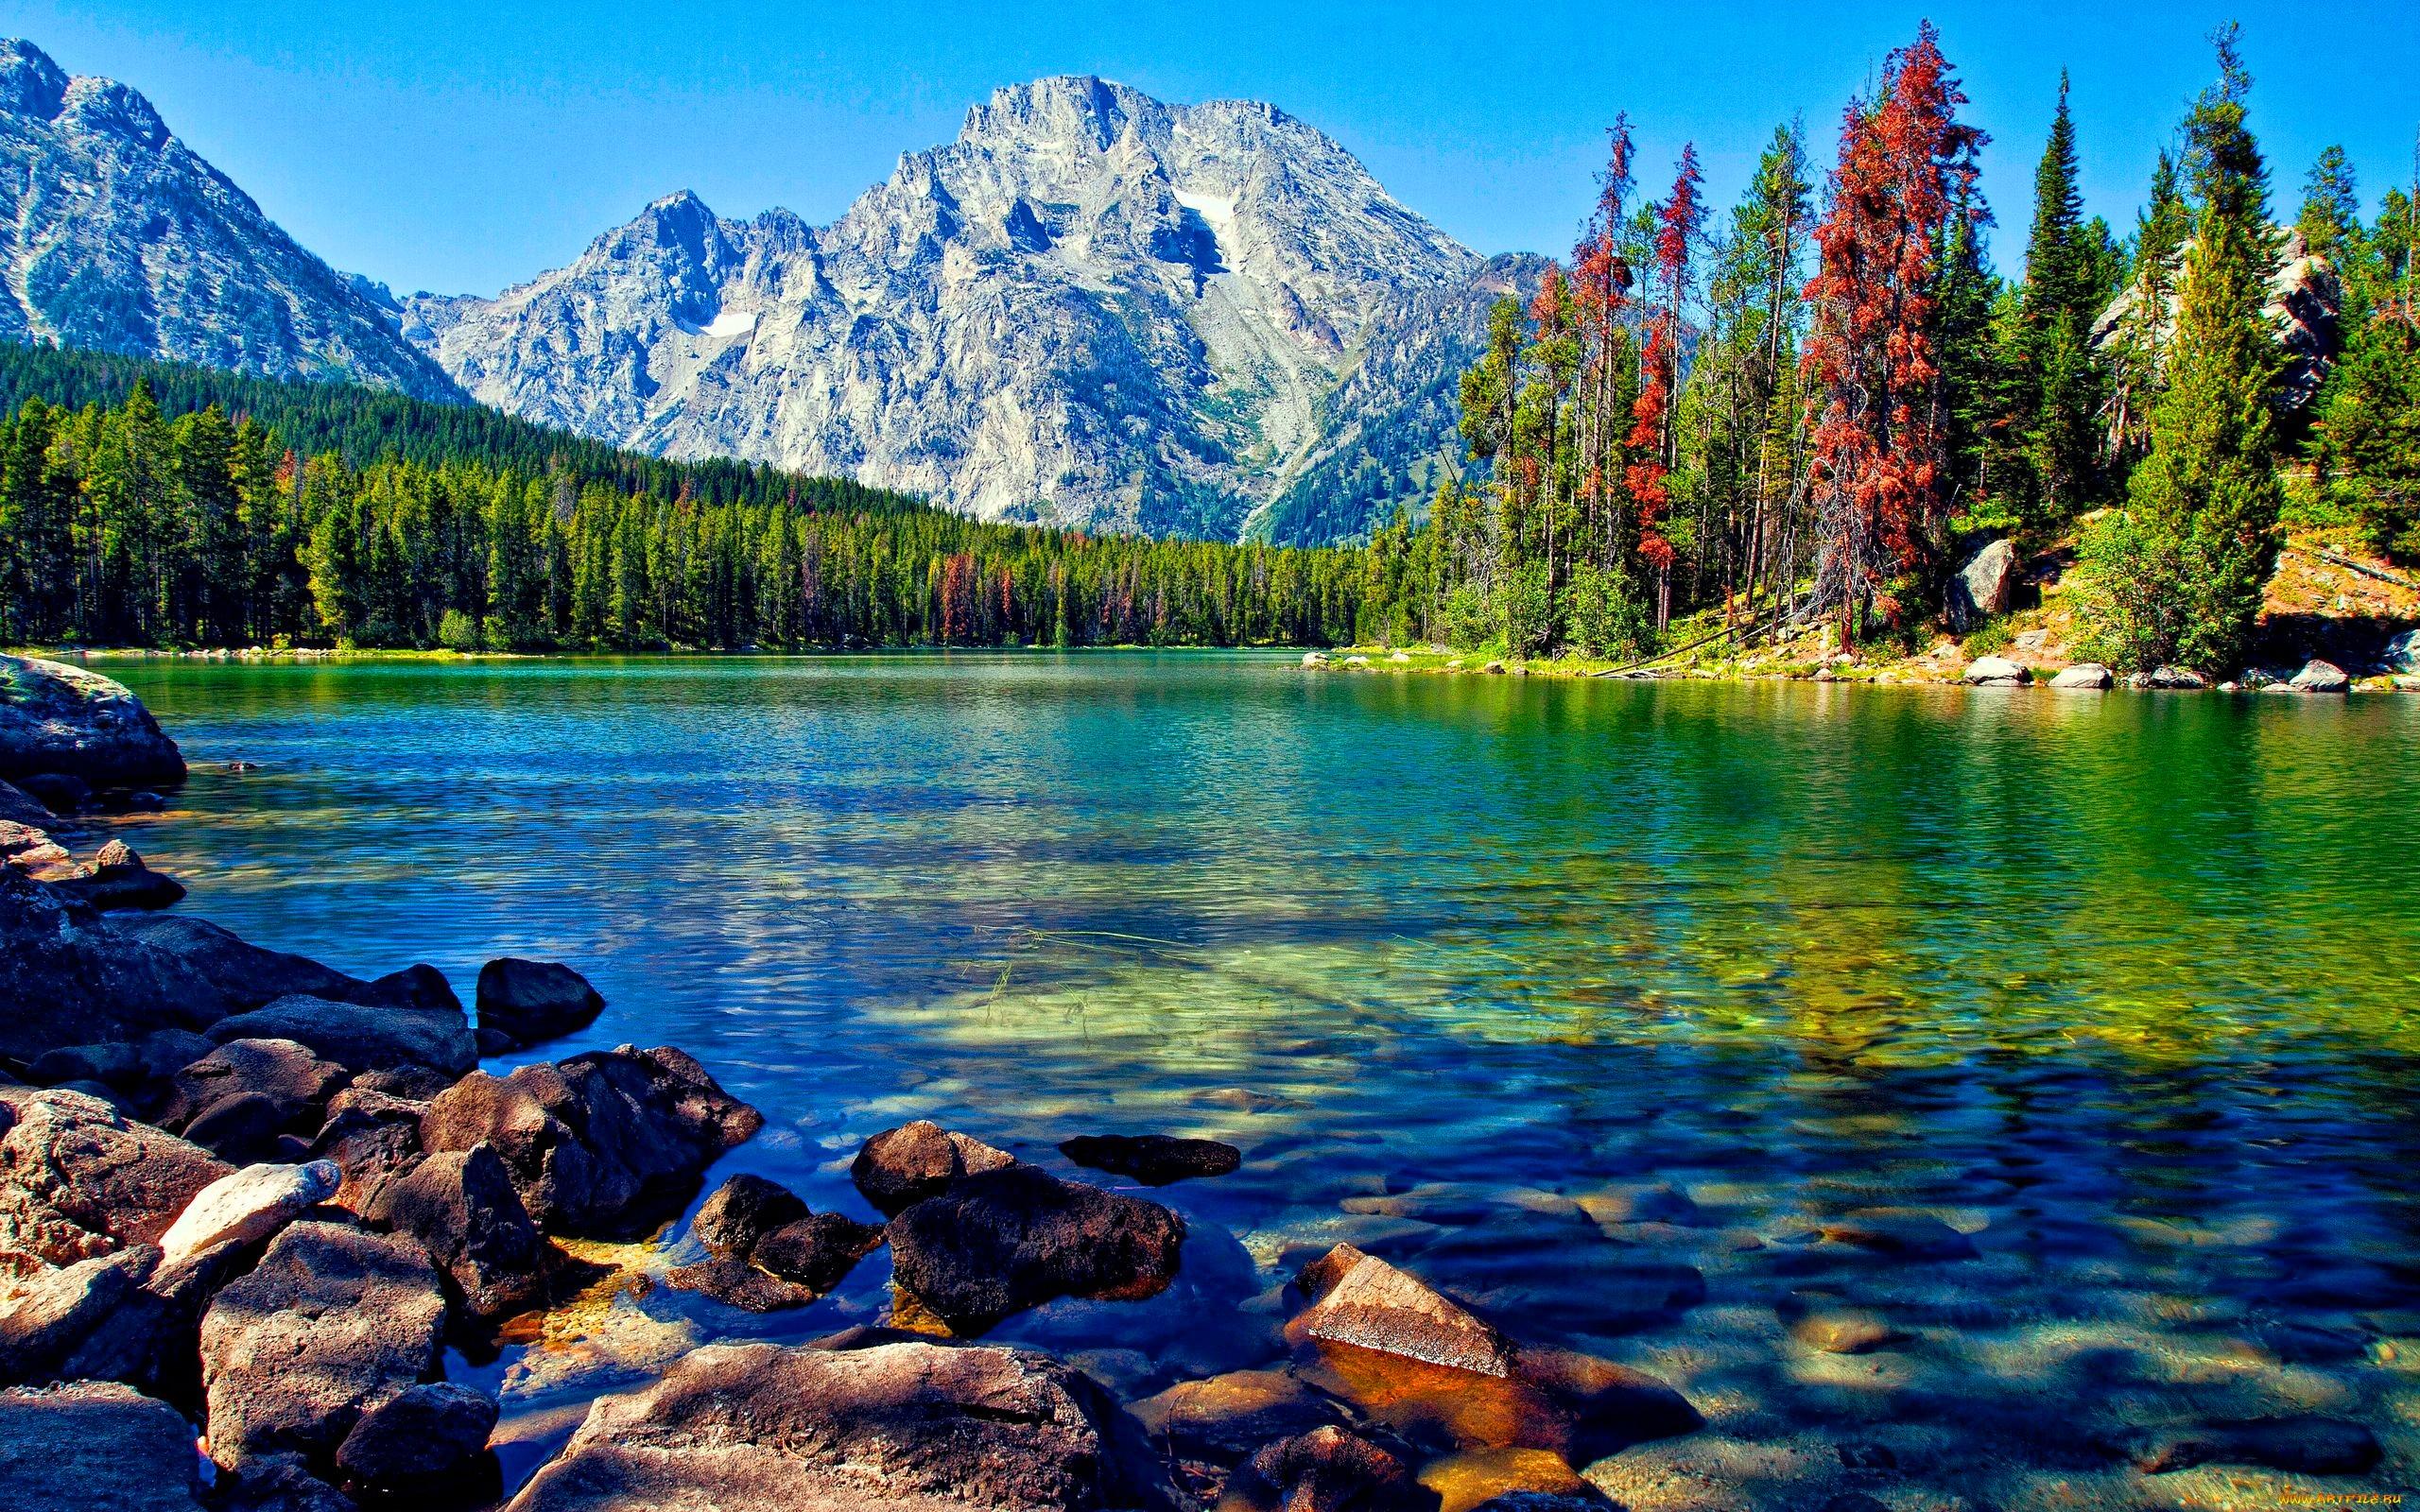 lakes desktop wallpaper hd - photo #45